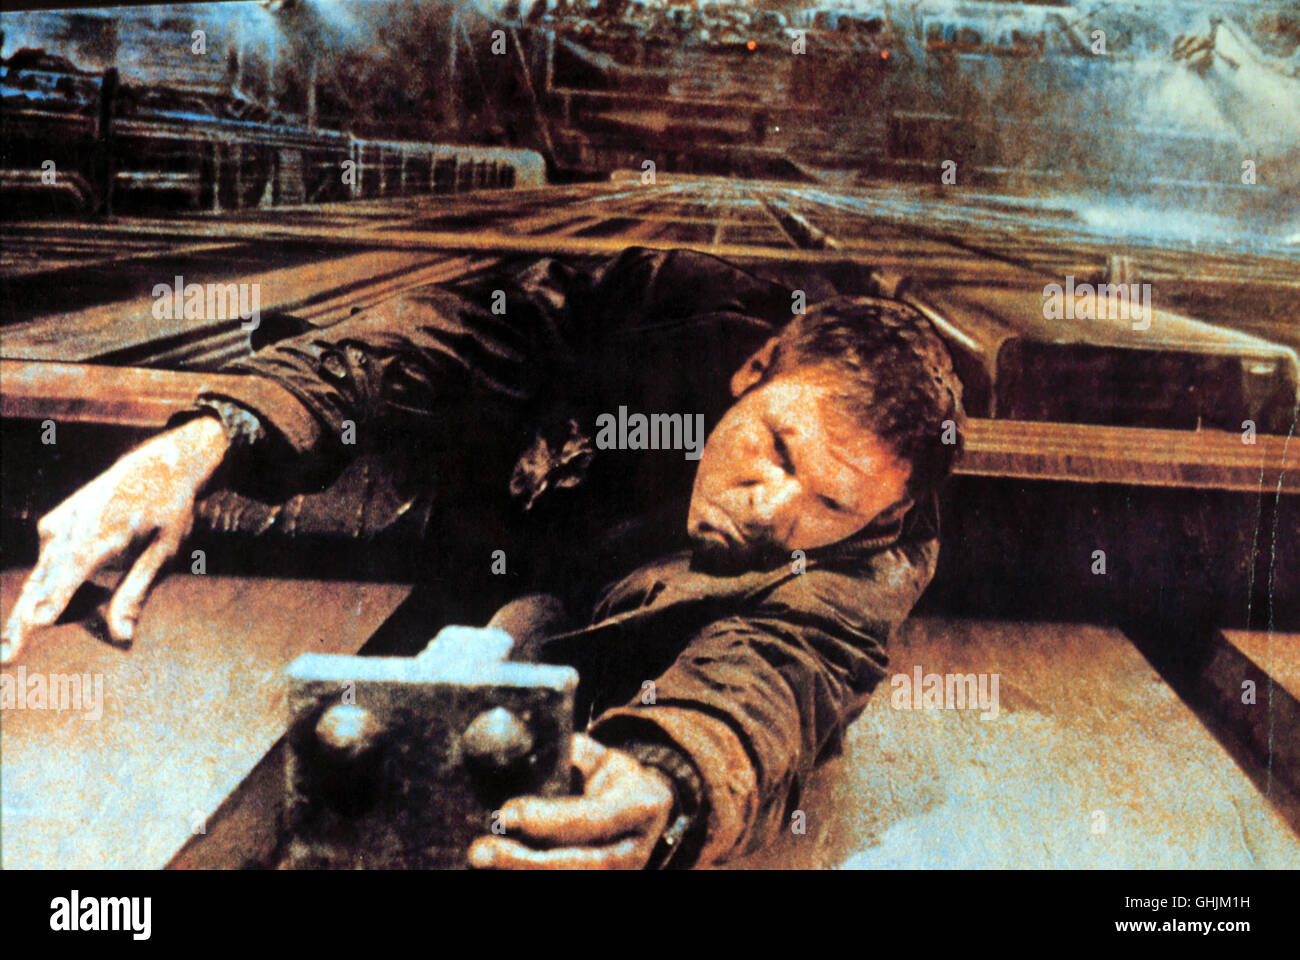 Los Angeles, 2019: Rick Deckard (HARRISON FORD) ist ein 'Blade Runner', ein Polizist, der untergetauchte - Stock Image